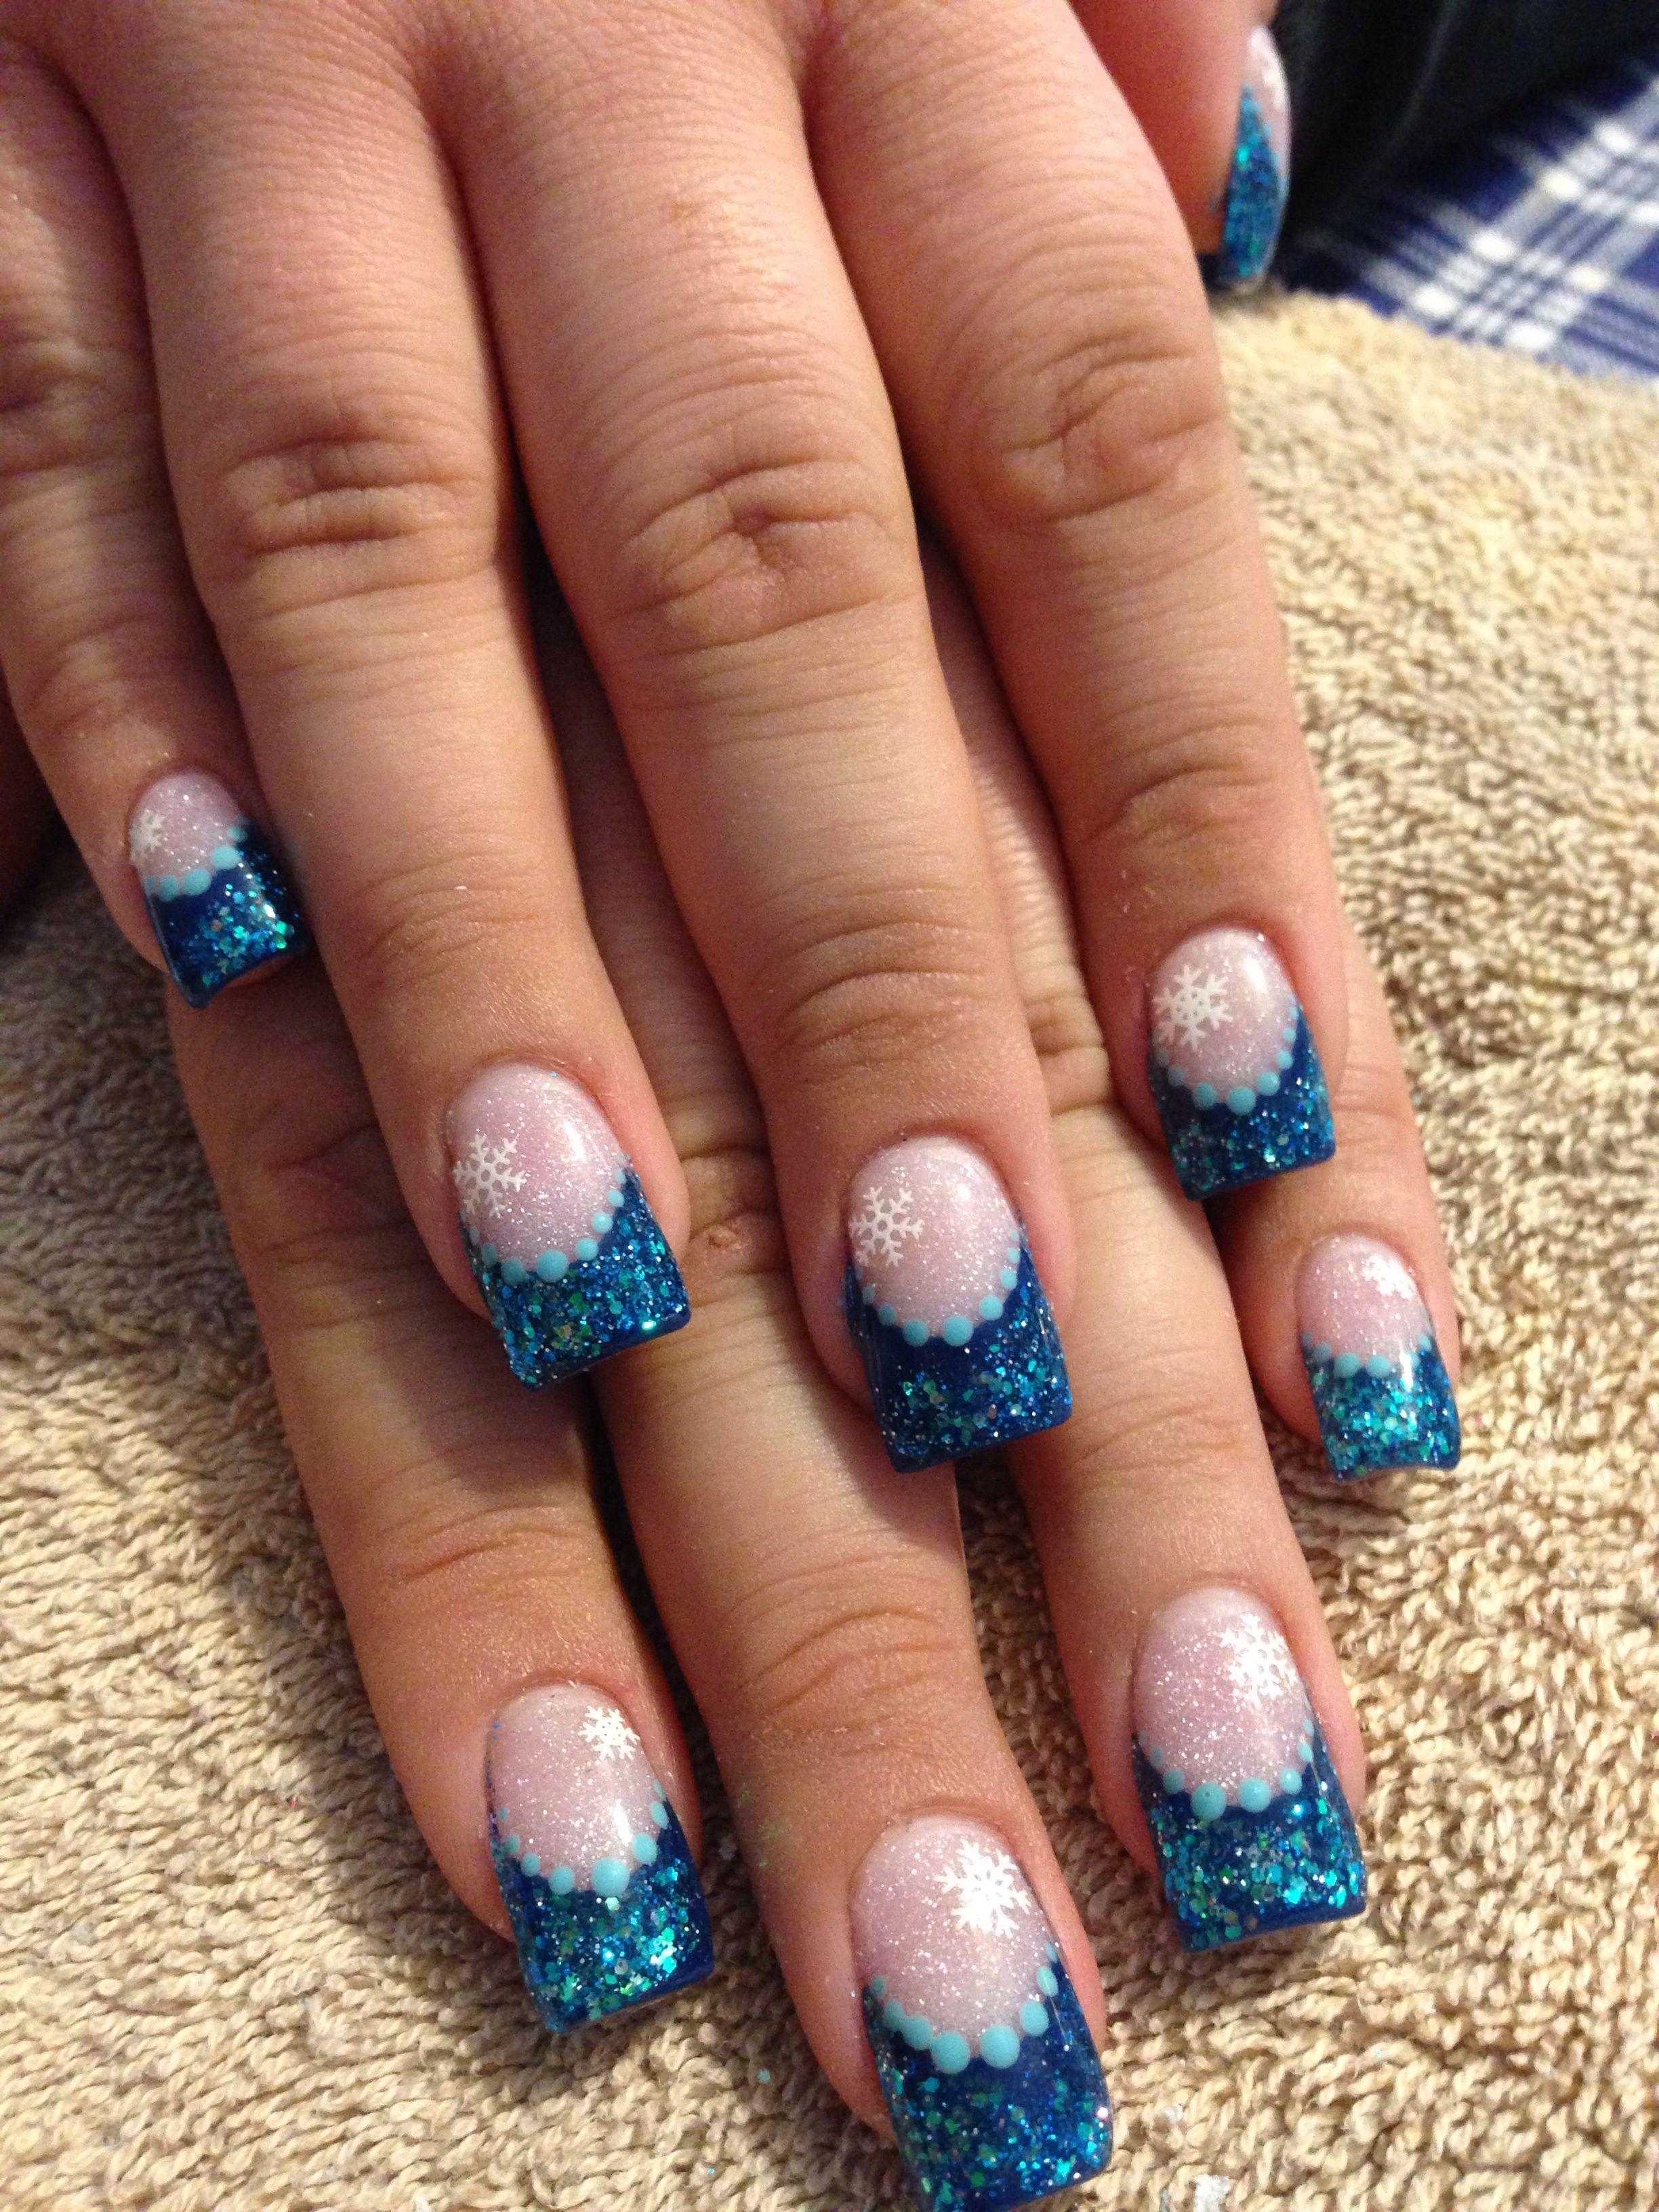 Acrylic Nail Holiday Design Nails Pinterest Winter Nails